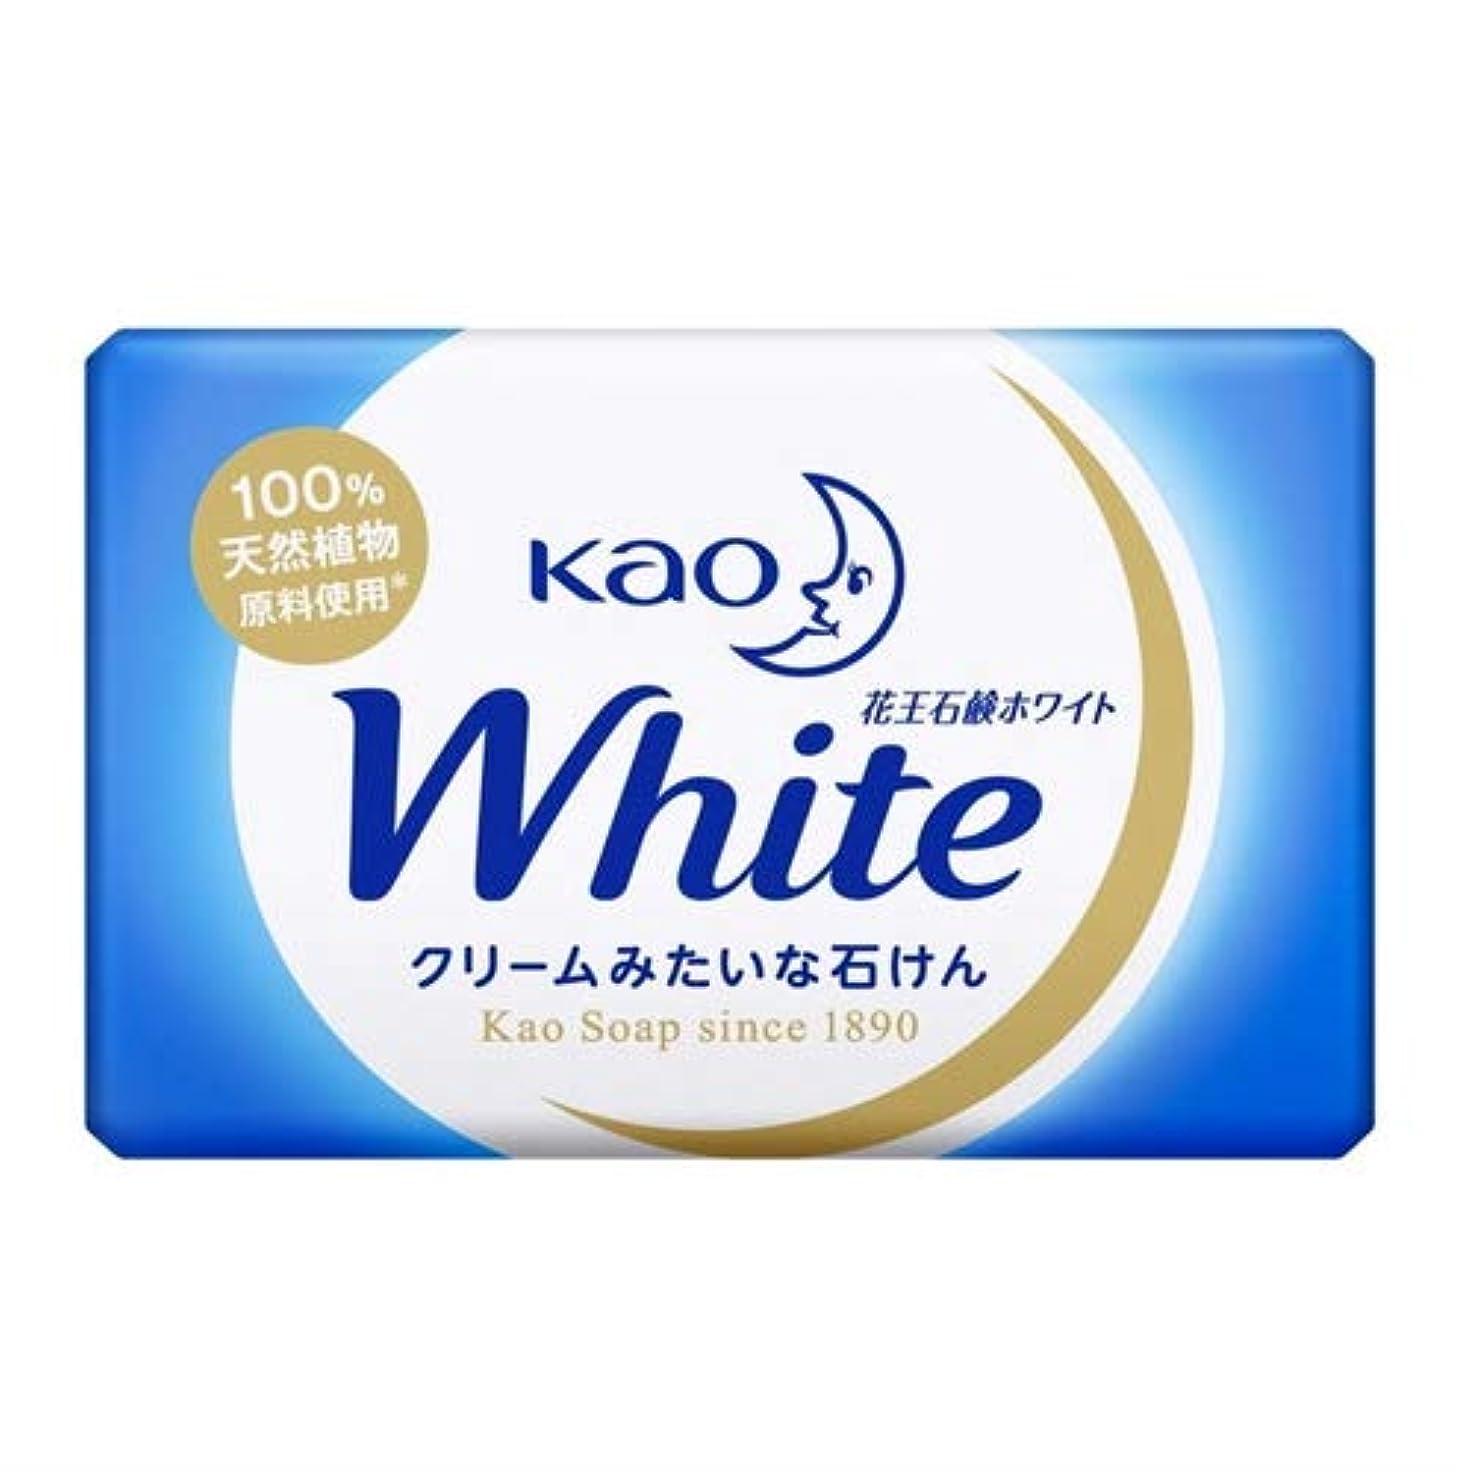 蒸留送金現像花王石鹸ホワイト 業務用ミニサイズ 15g × 10個セット